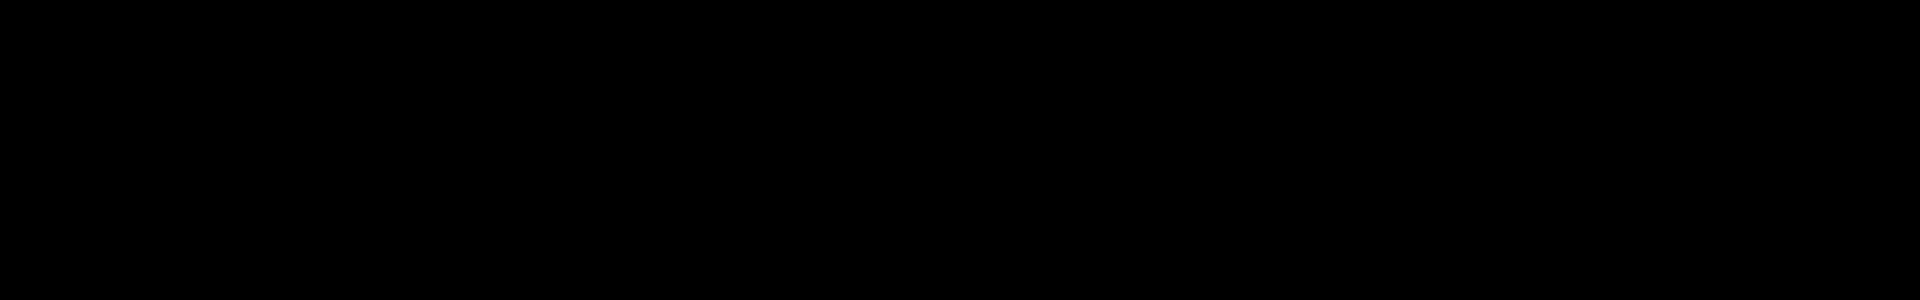 Emilielunden